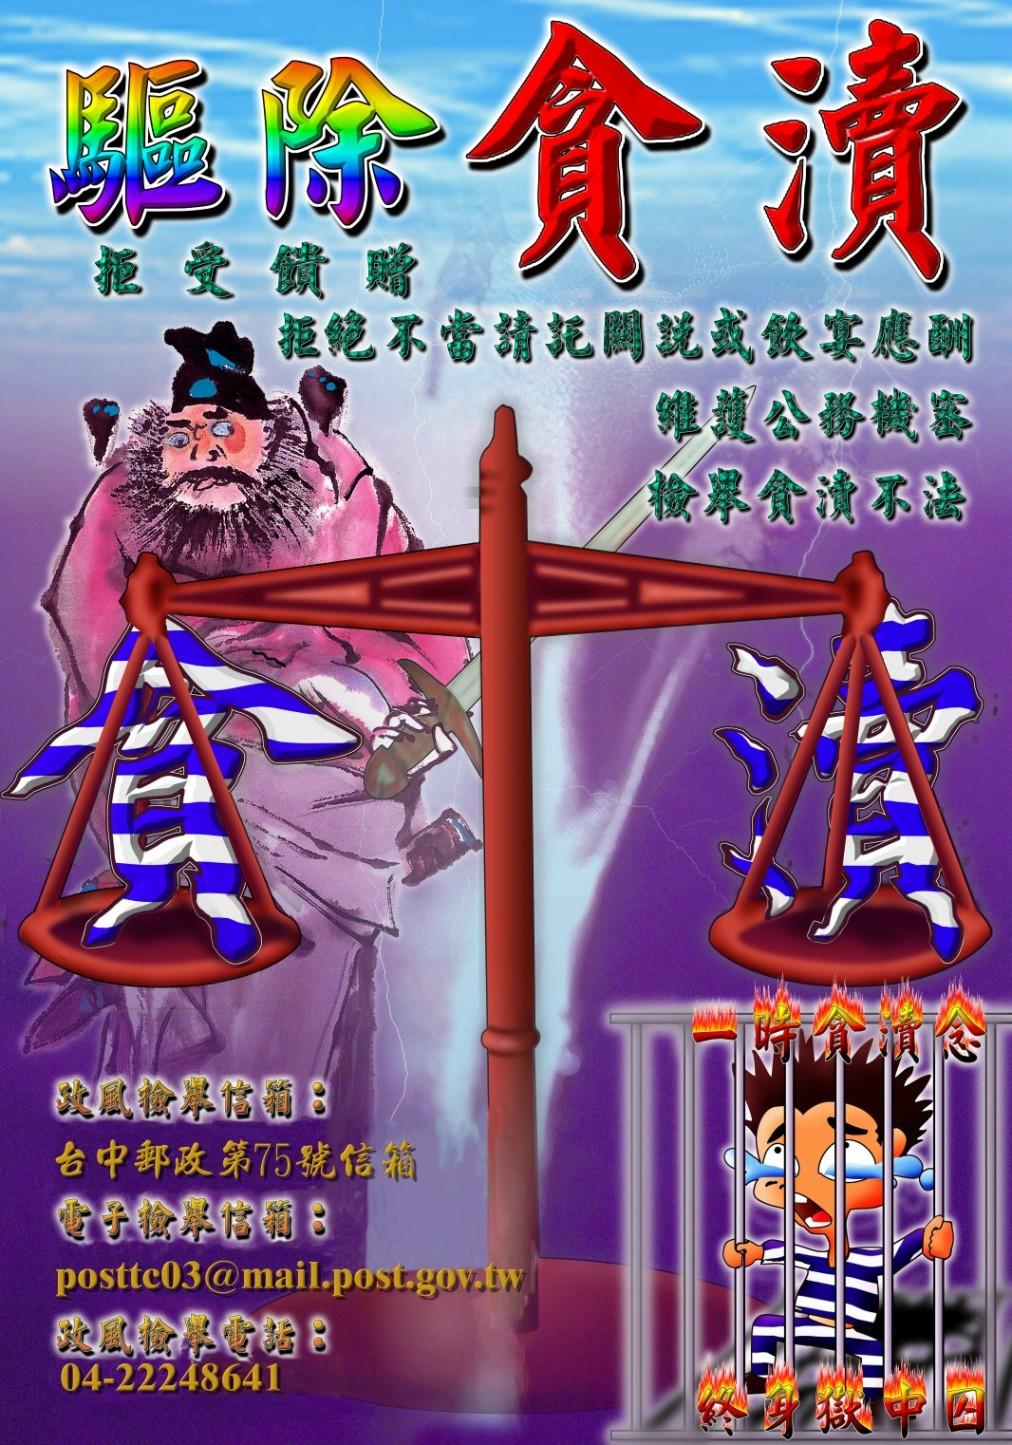 反貪瀆宣導海報1